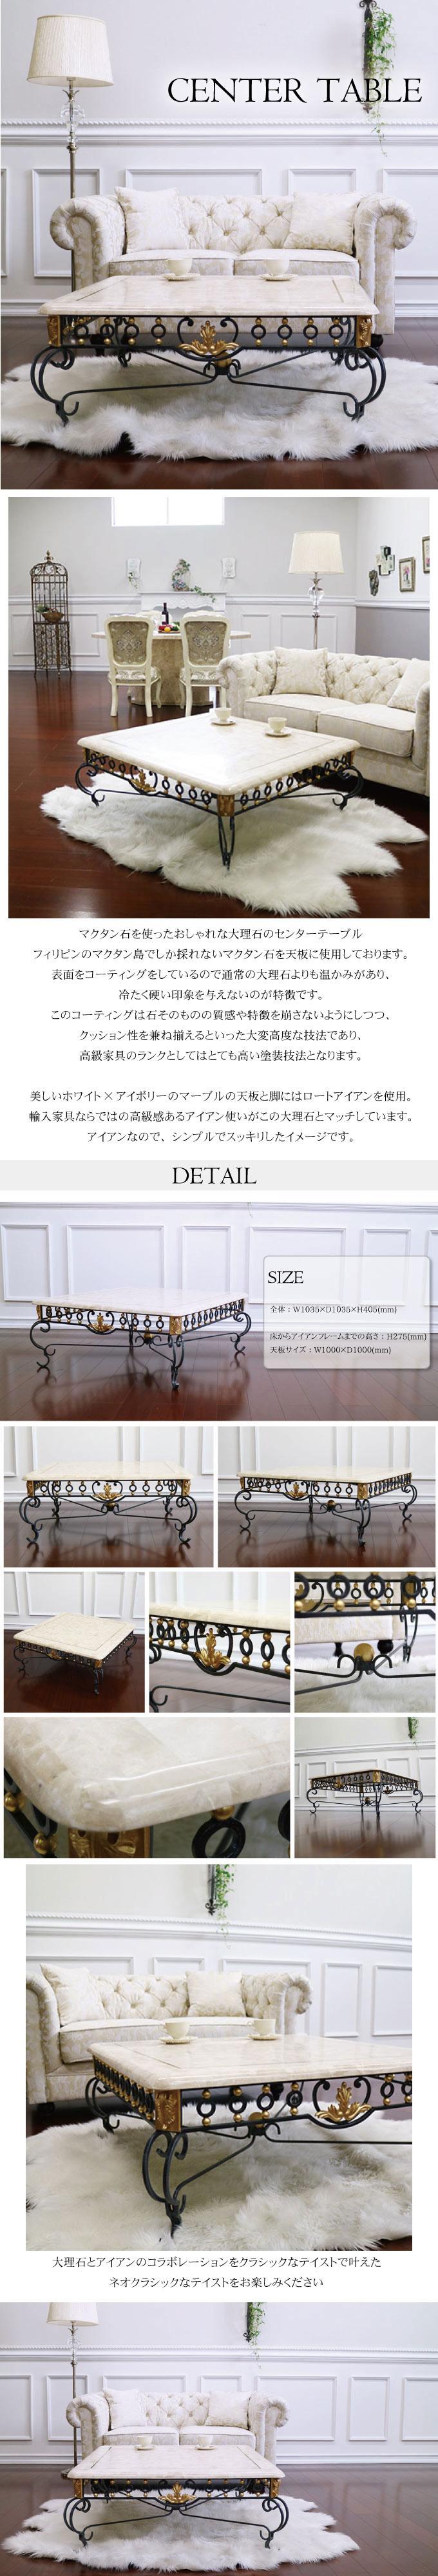 センターテーブル,大理石,ローテーブル,リビングテーブル,おしゃれ,アイアン,猫脚